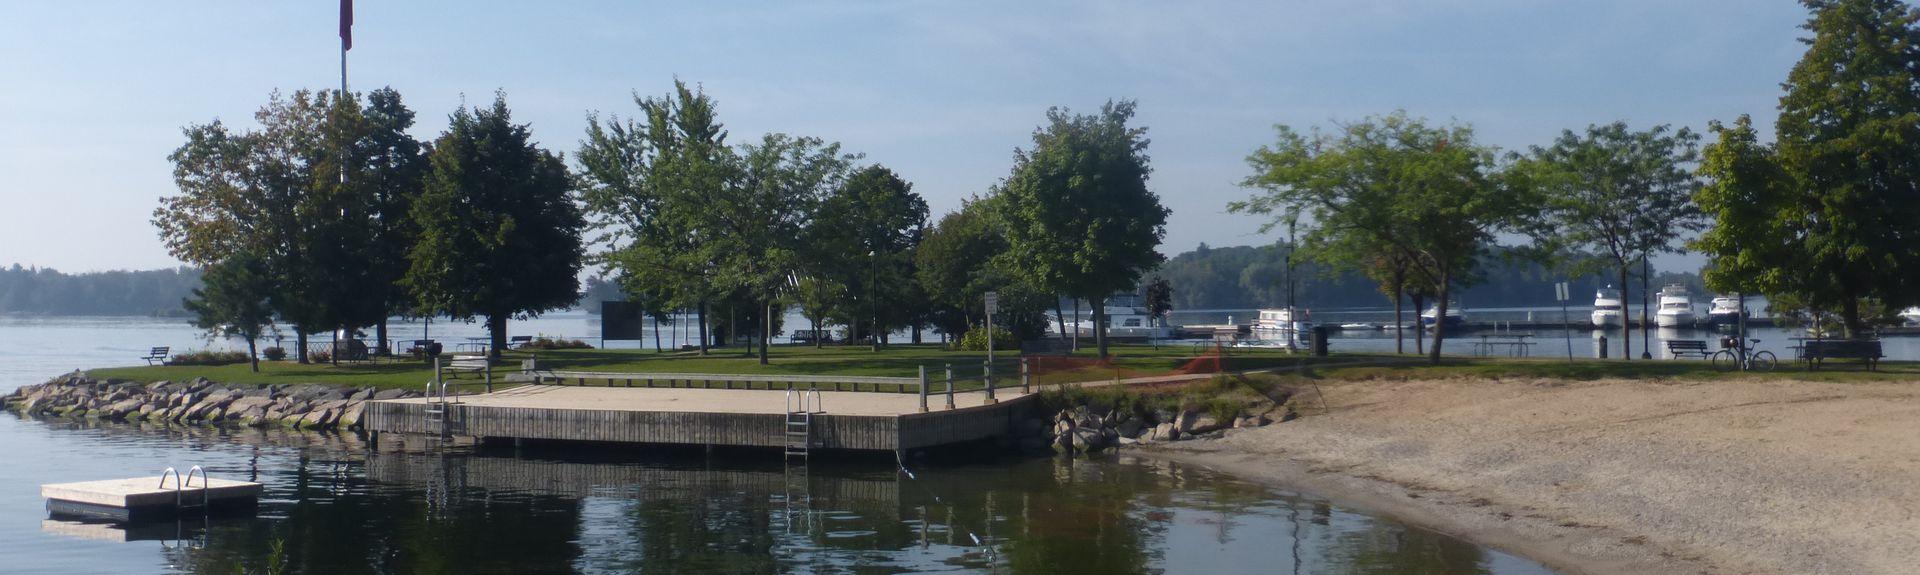 Parc de la Confédération, Gananoque, Ontario, Canada